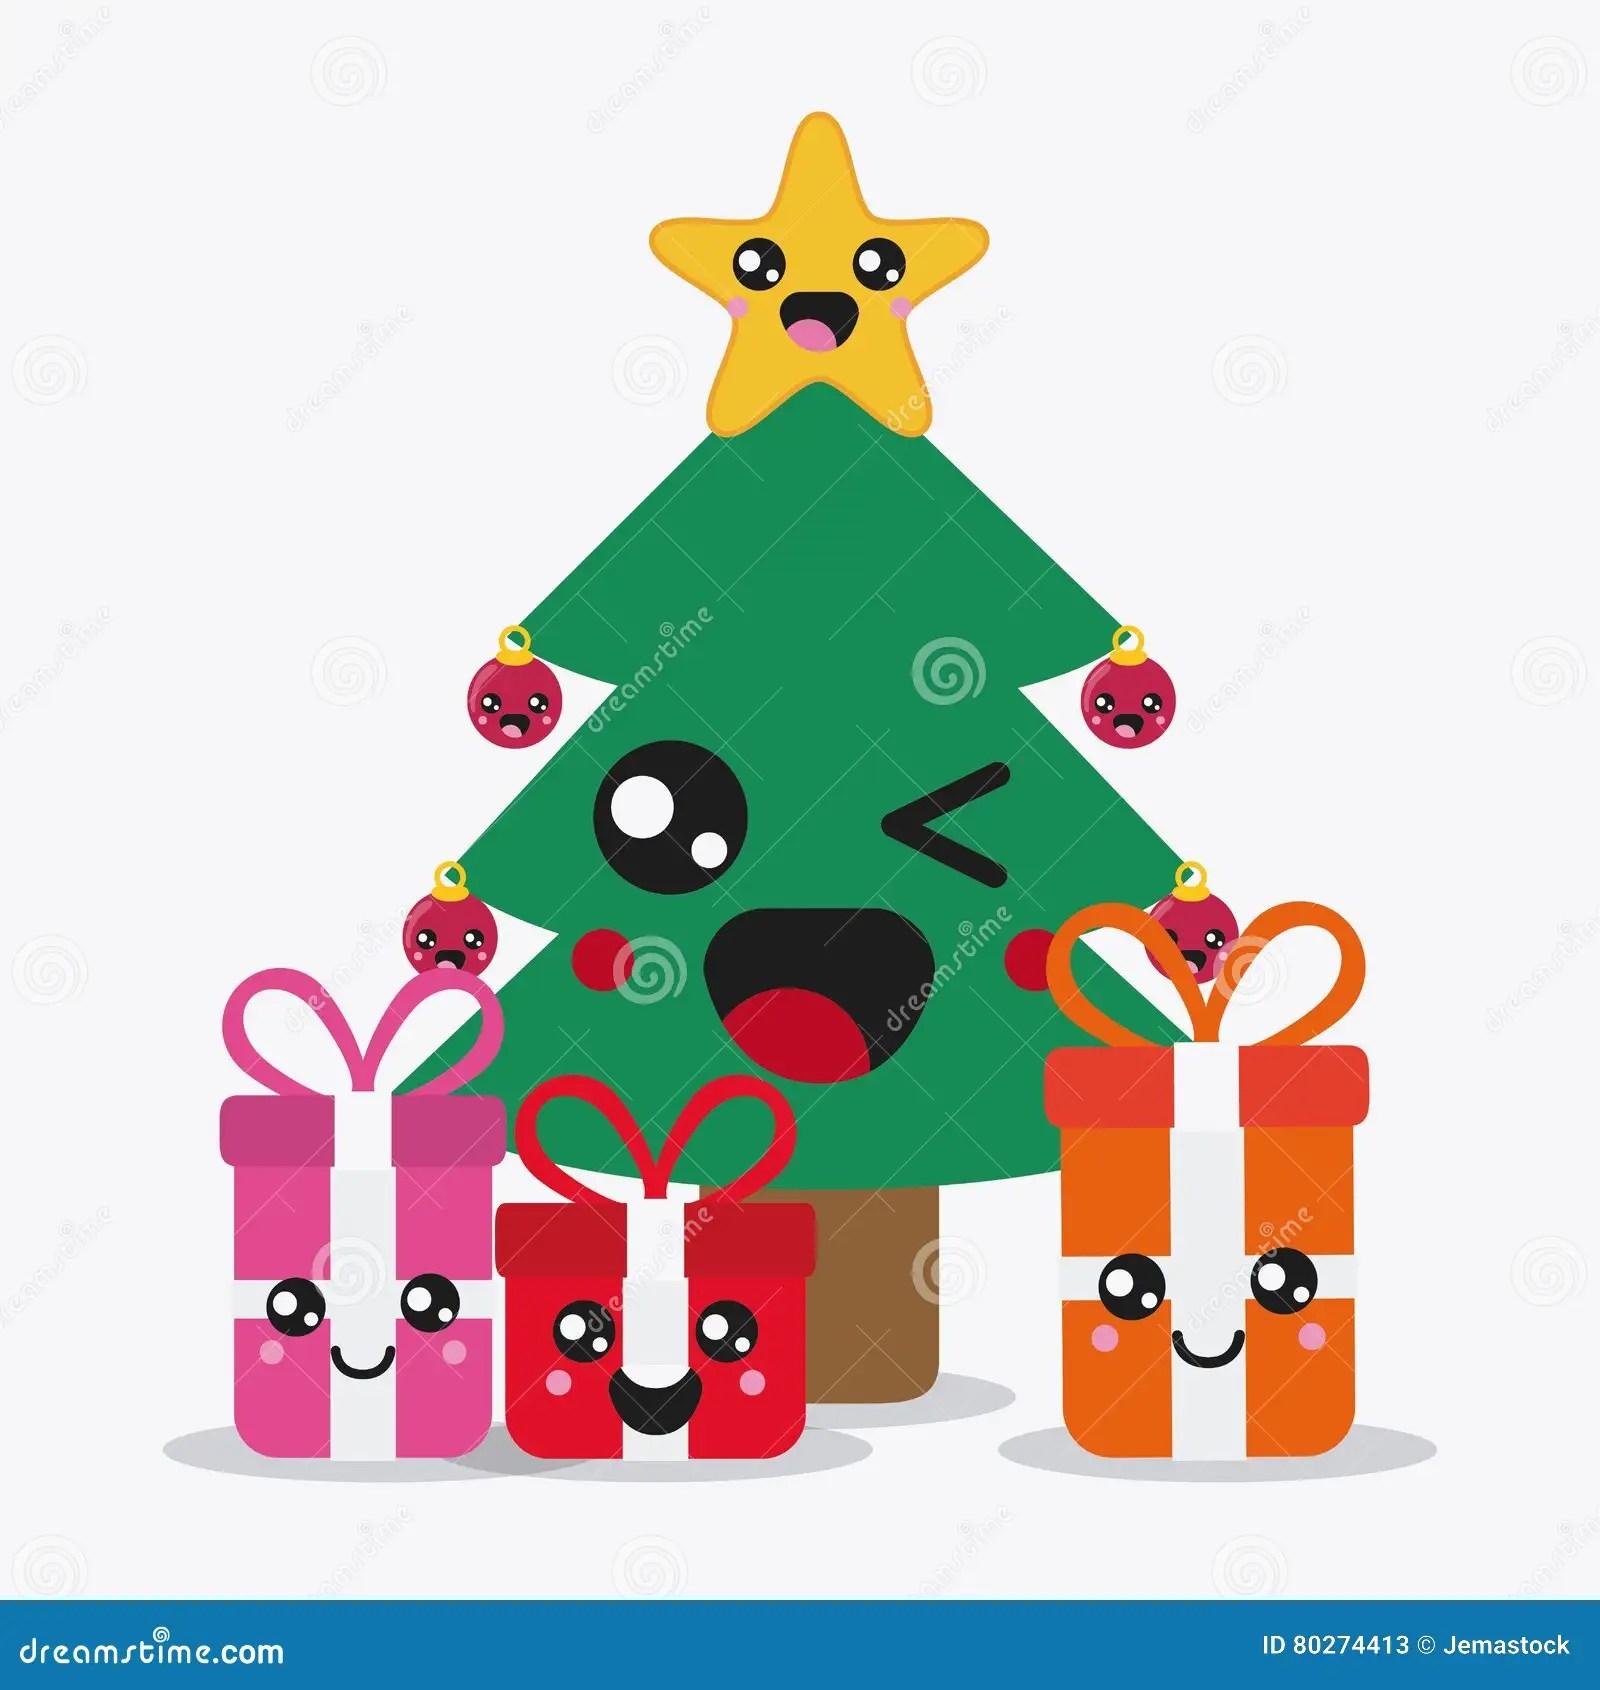 Immagini Natalizie Kawaii.Decorazioni Kawaii Addobbo Decorazione Per Albero Di Natale